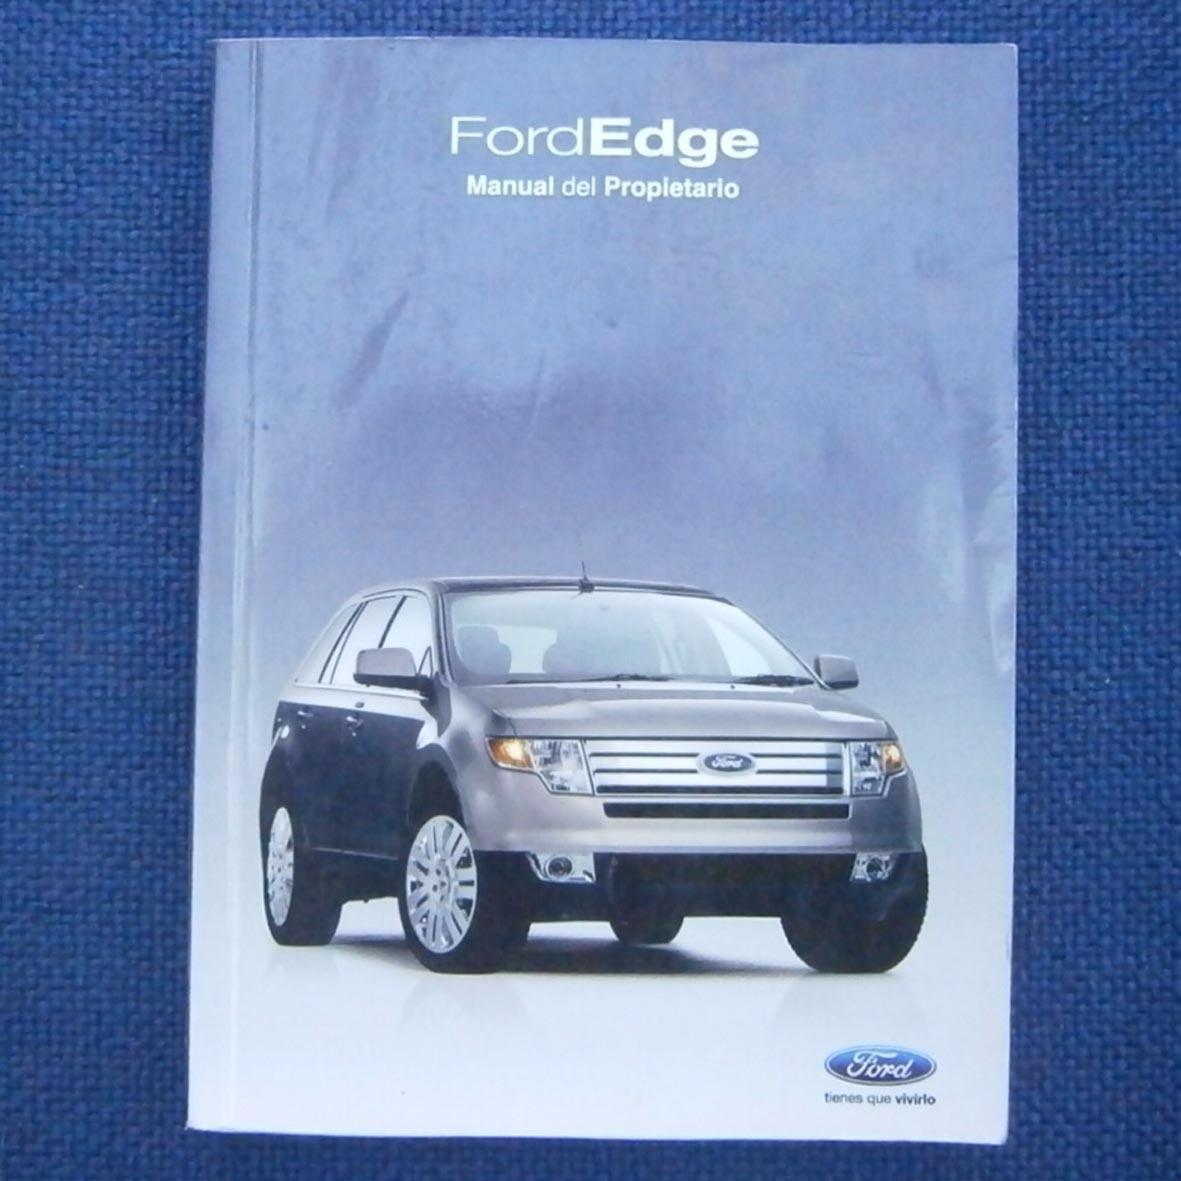 manual de usuario ford edge 2010 original en papel 20 000 en rh articulo mercadolibre cl manual de ford edge 2007 manual de ford edge 2009